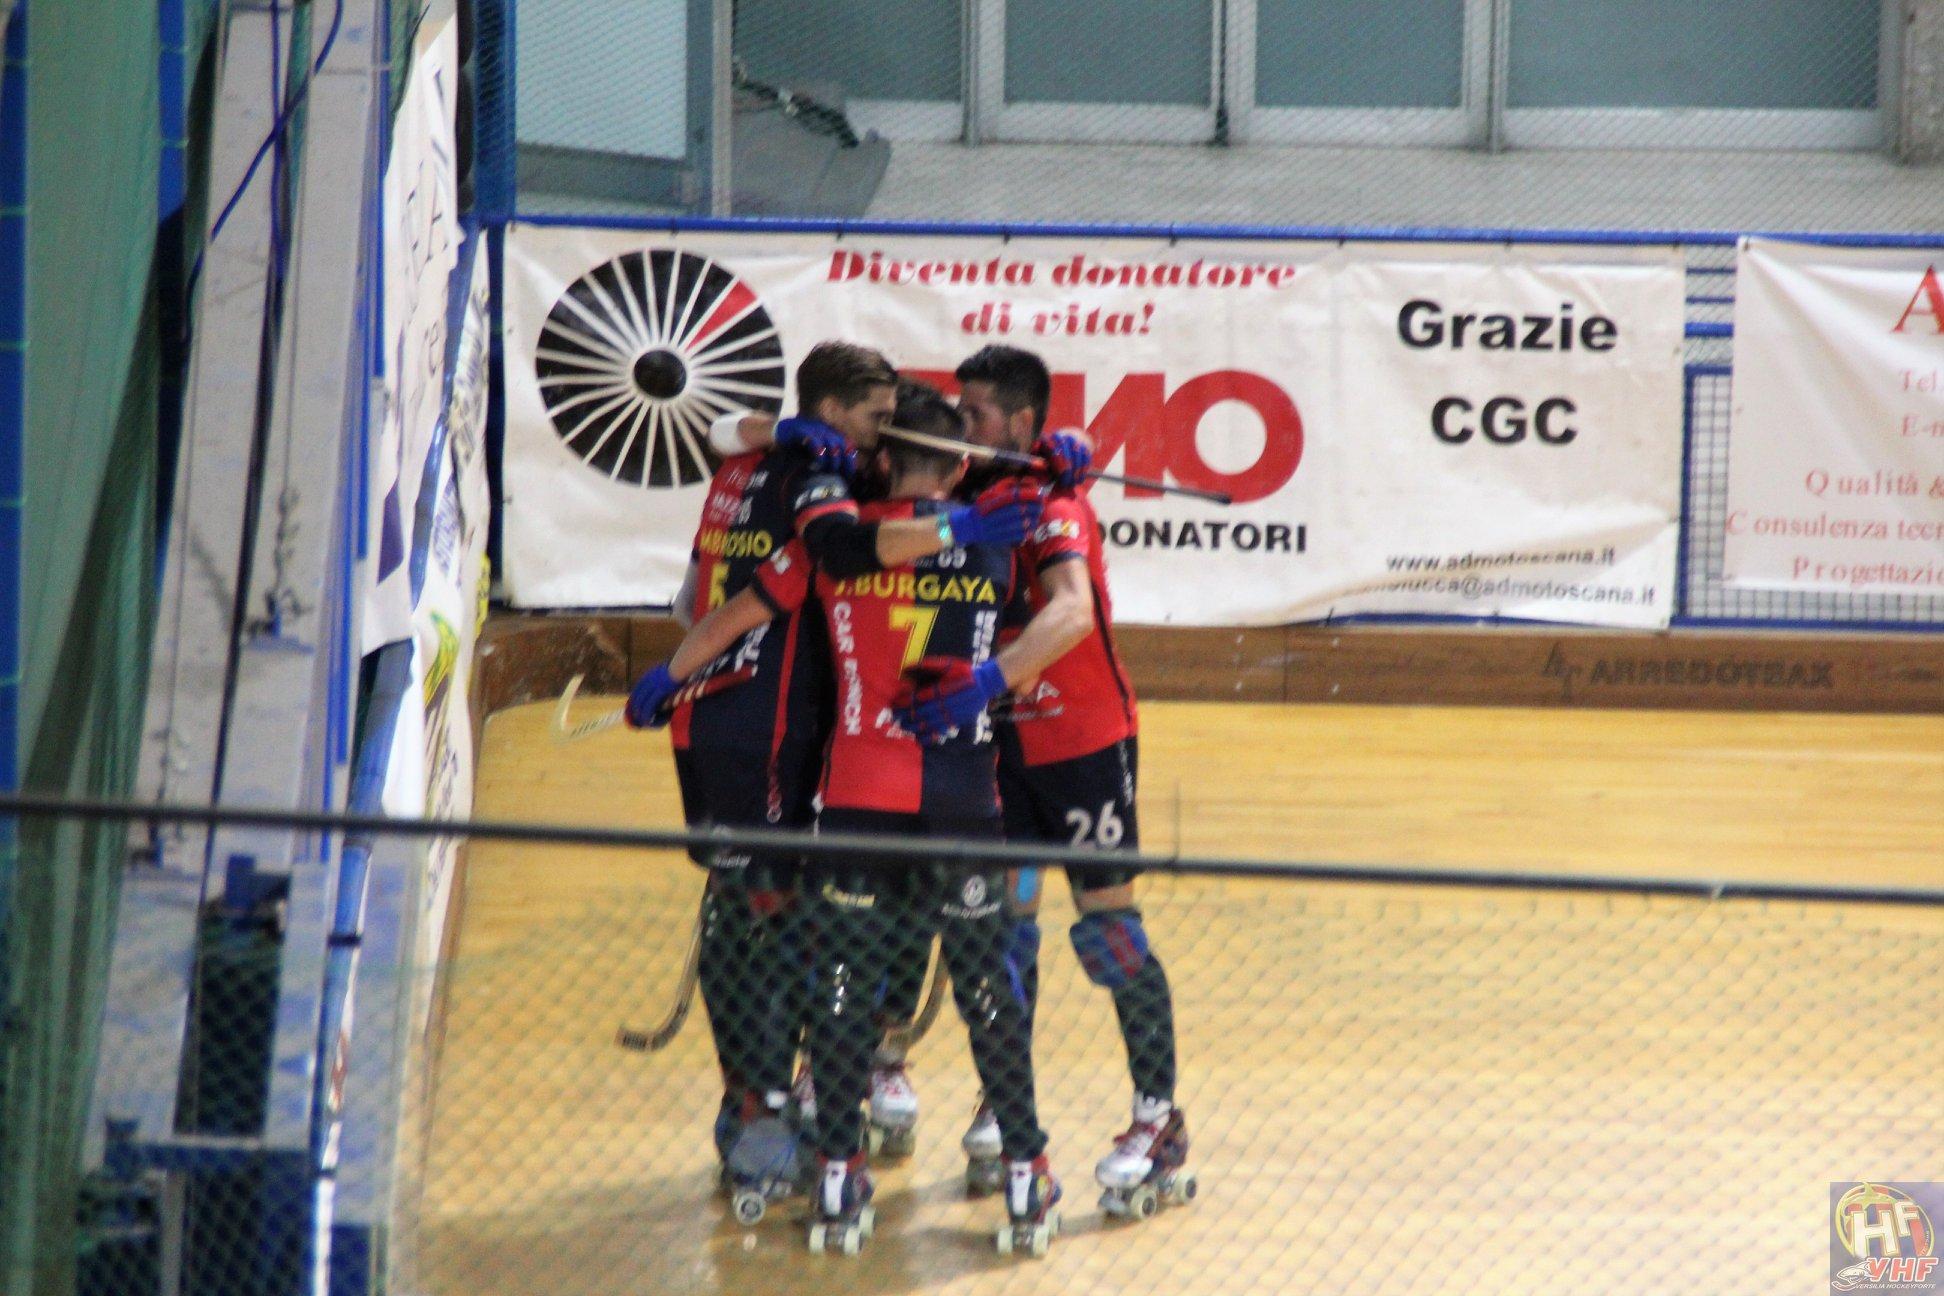 Hockey, il Forte concquista il derby: Cgc battuto per 2 a 0